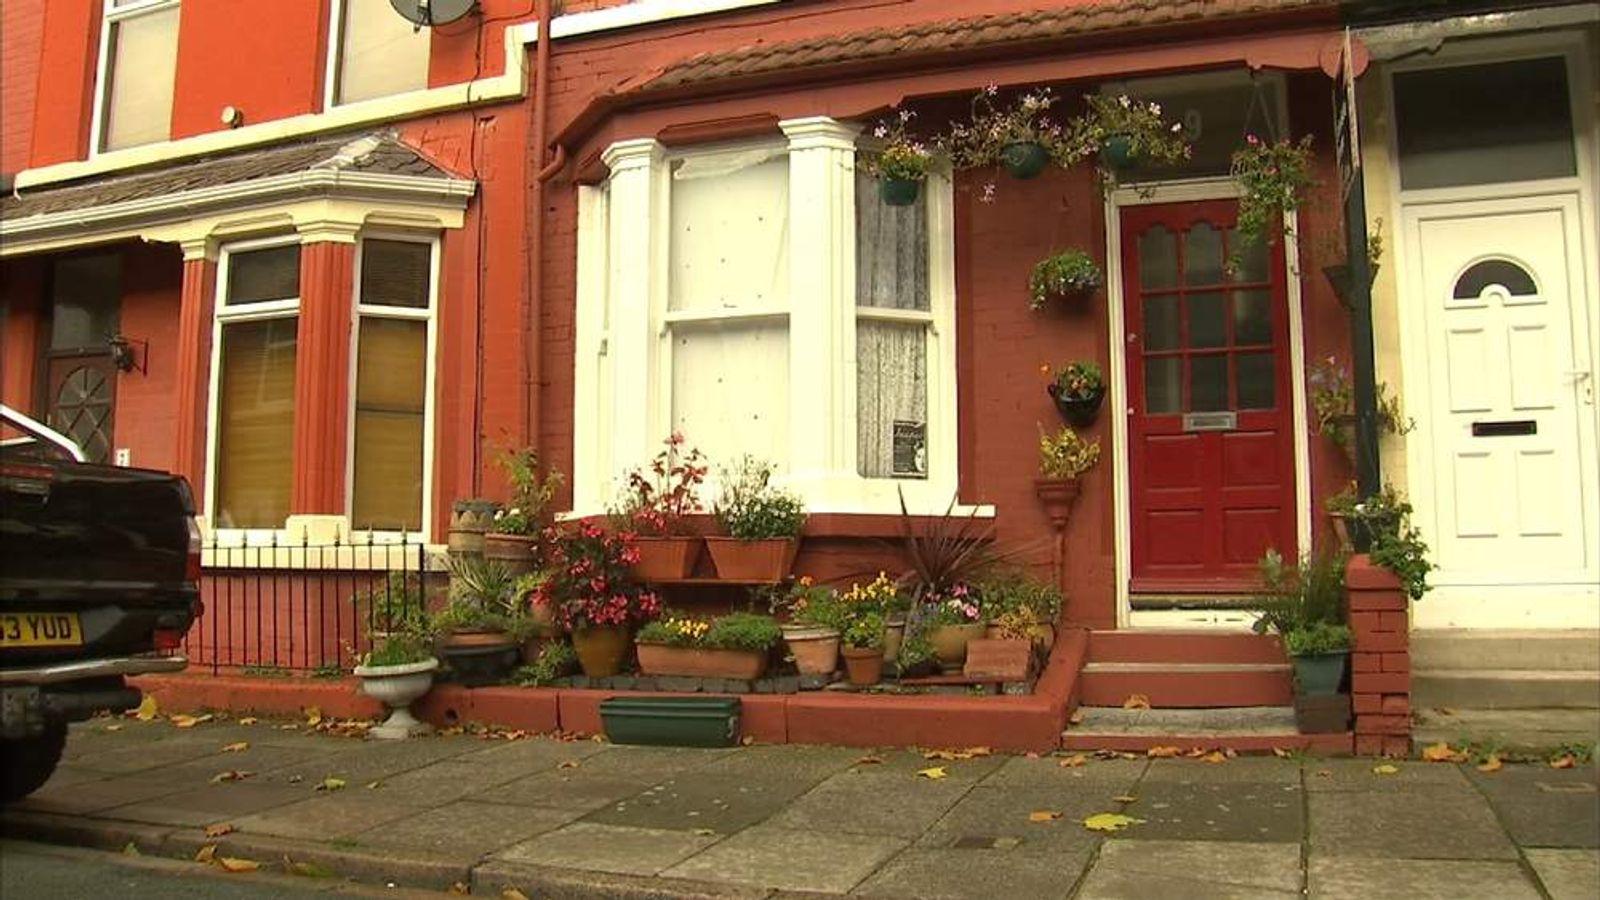 John Lennon childhood home